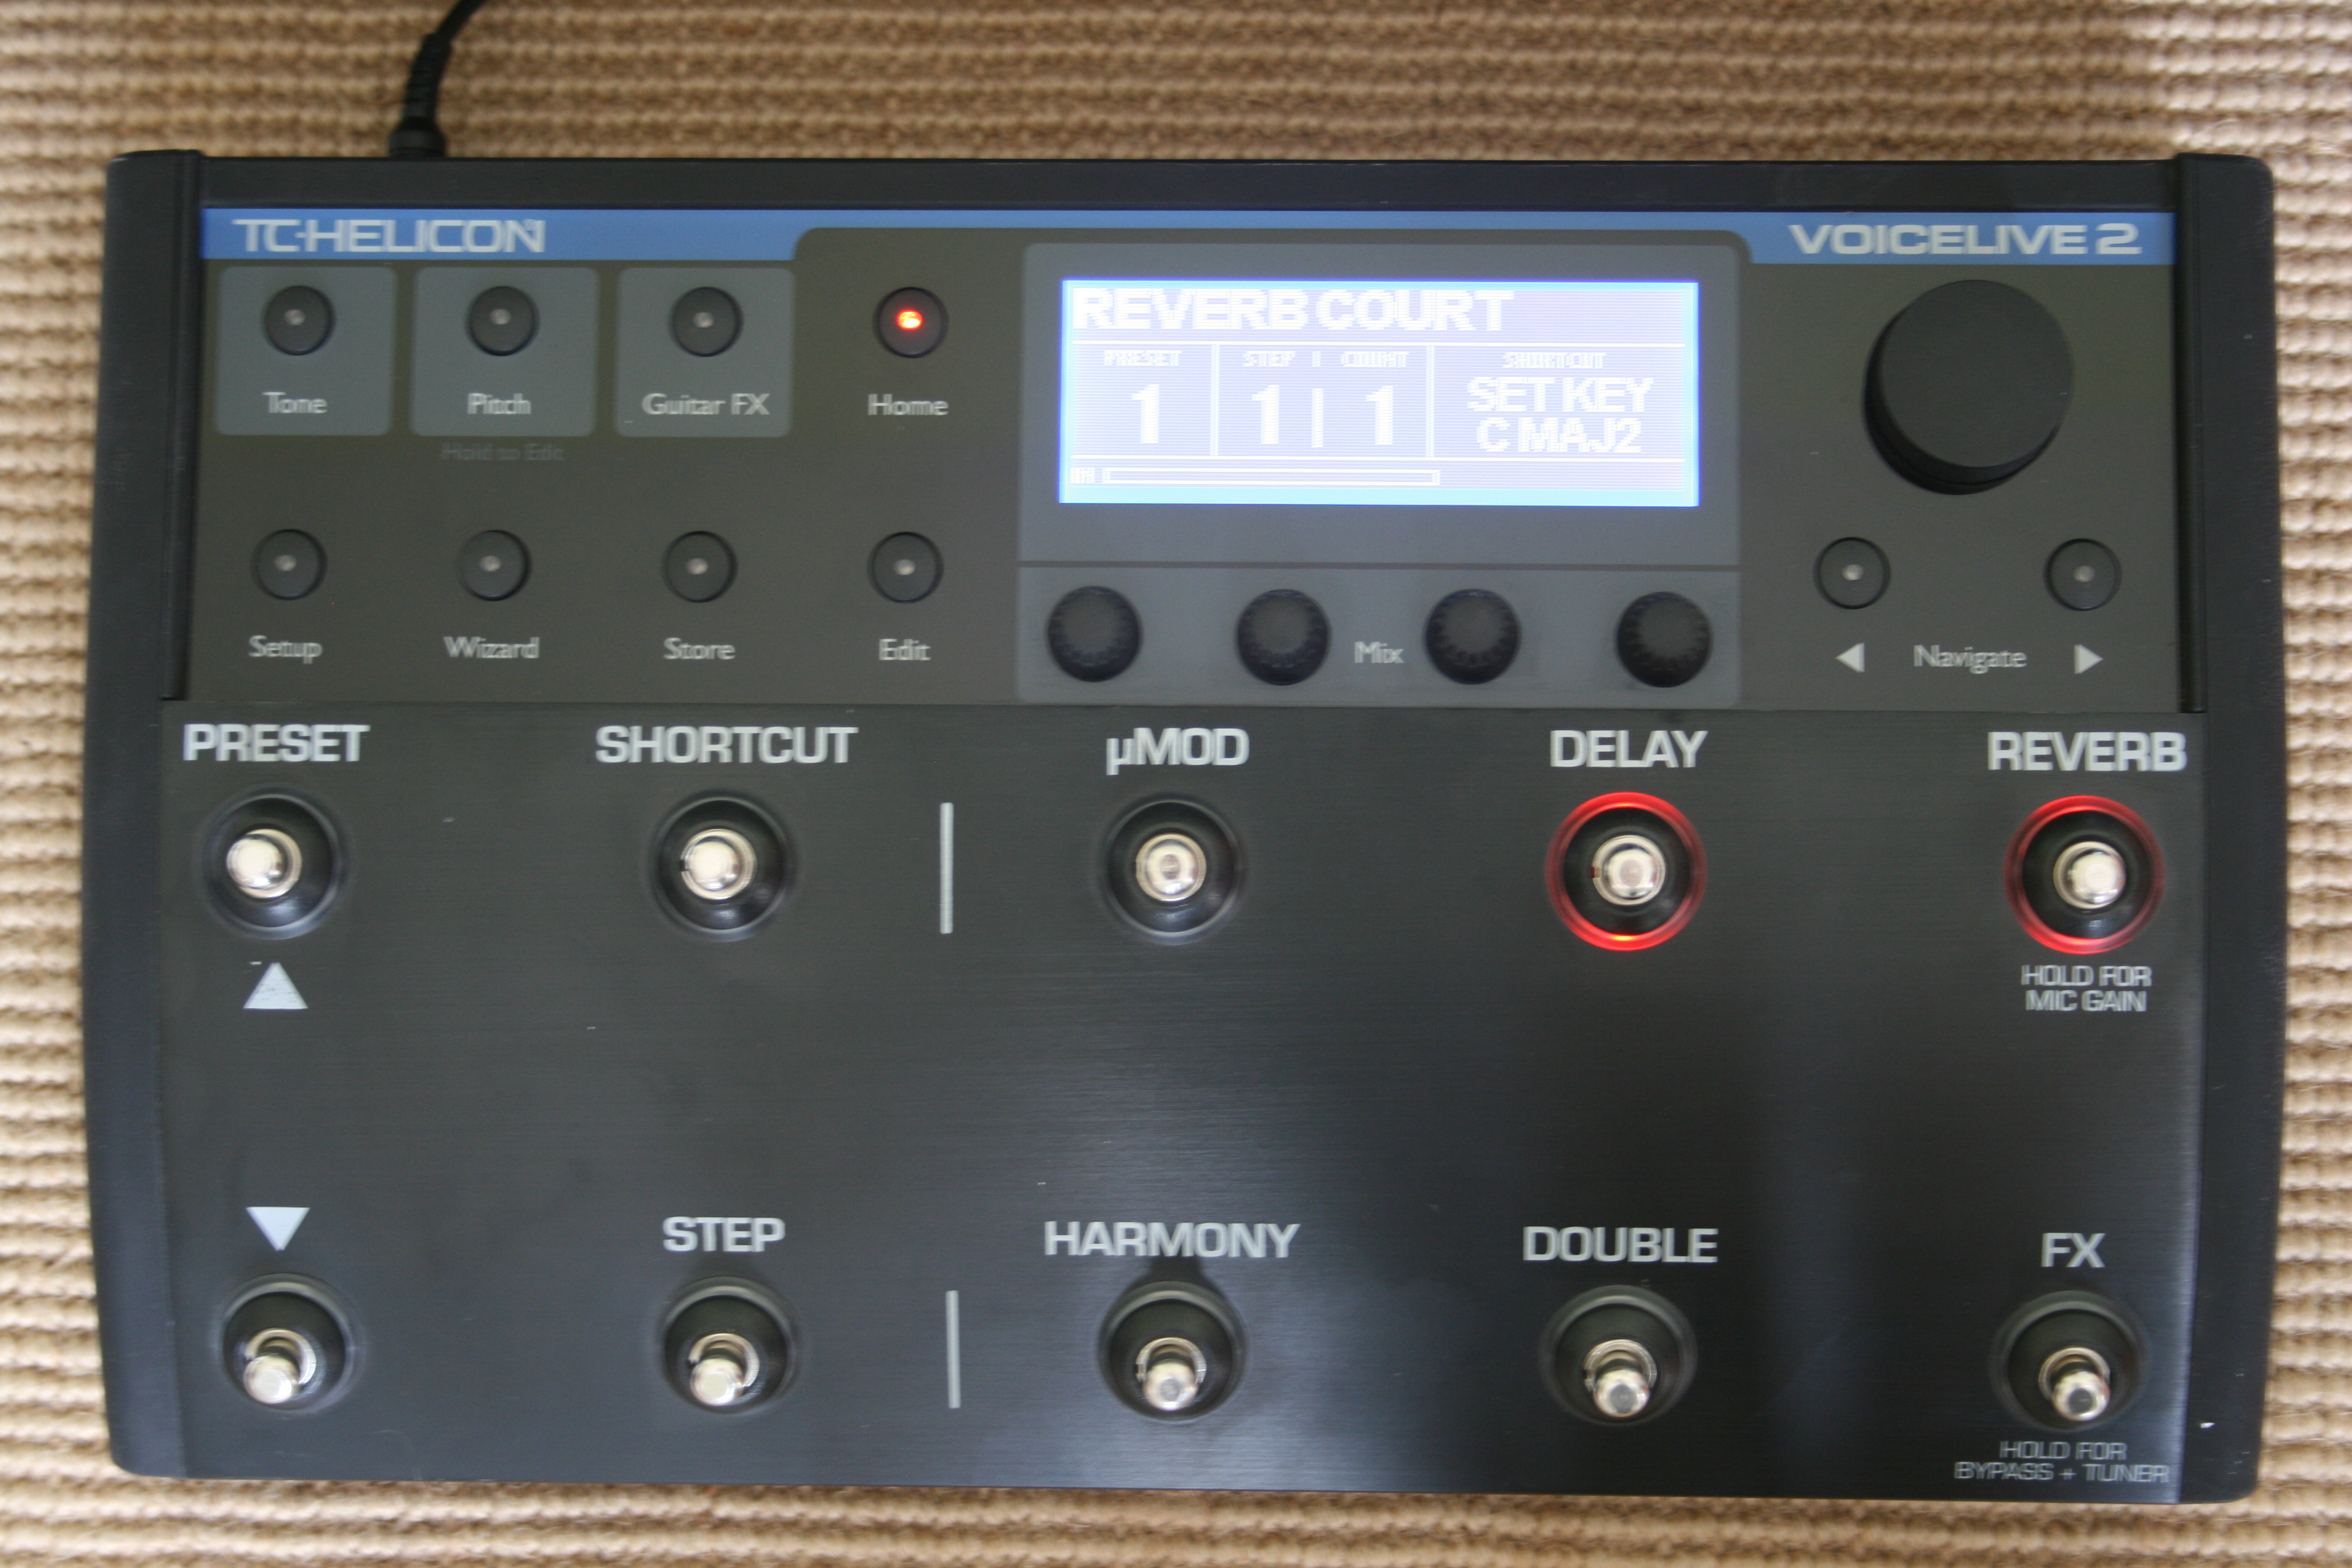 TC-Helicon VoiceLive 2 image (#425618) - Audiofanzine